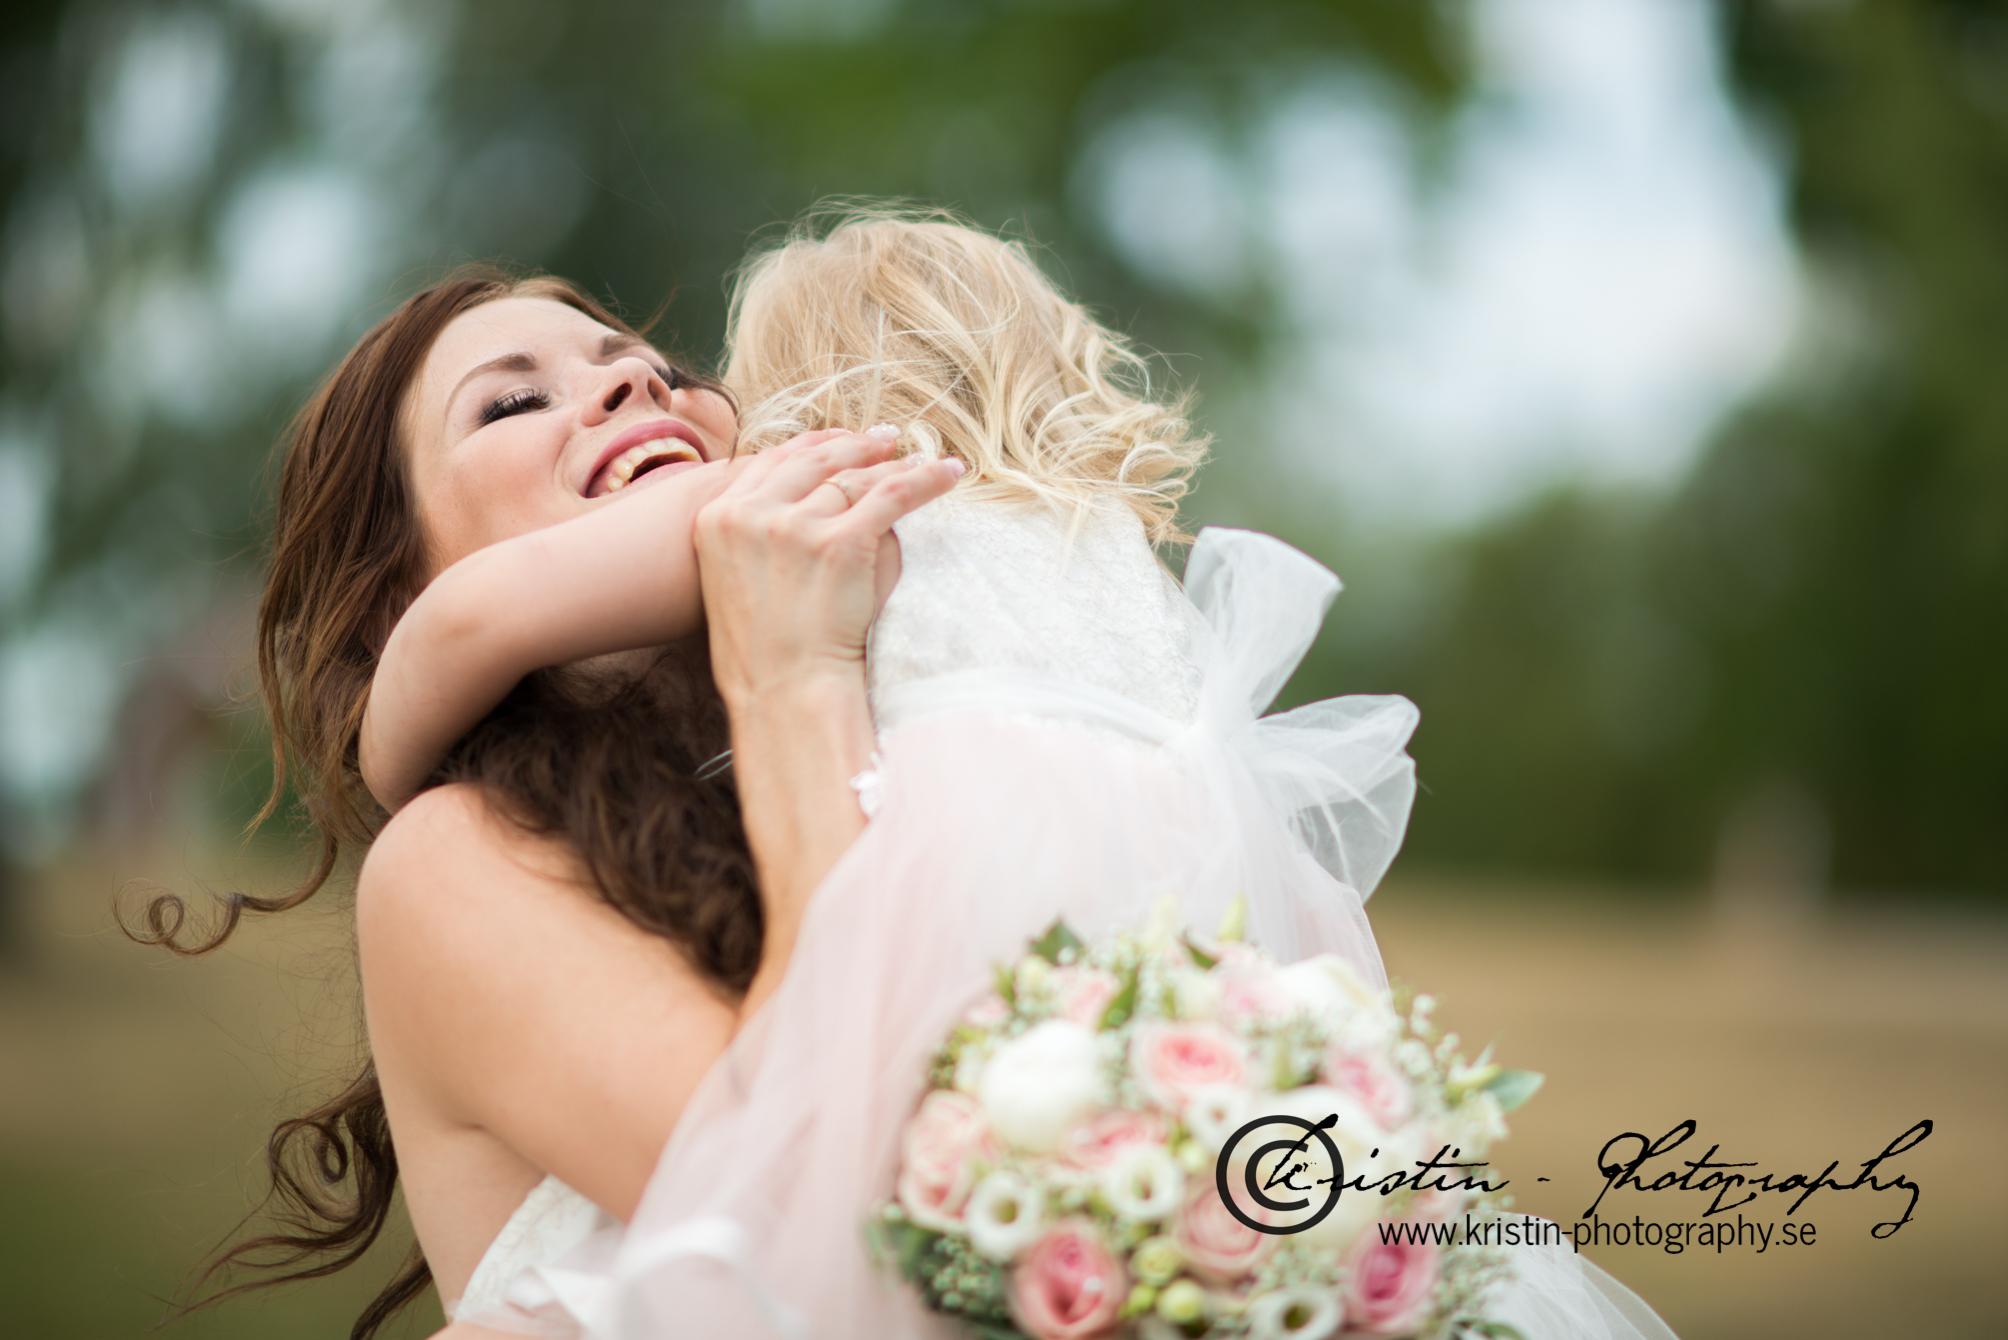 Bröllopsfotograf i Eskilstuna, Kristin - Photography, weddingphotographer -311.jpg